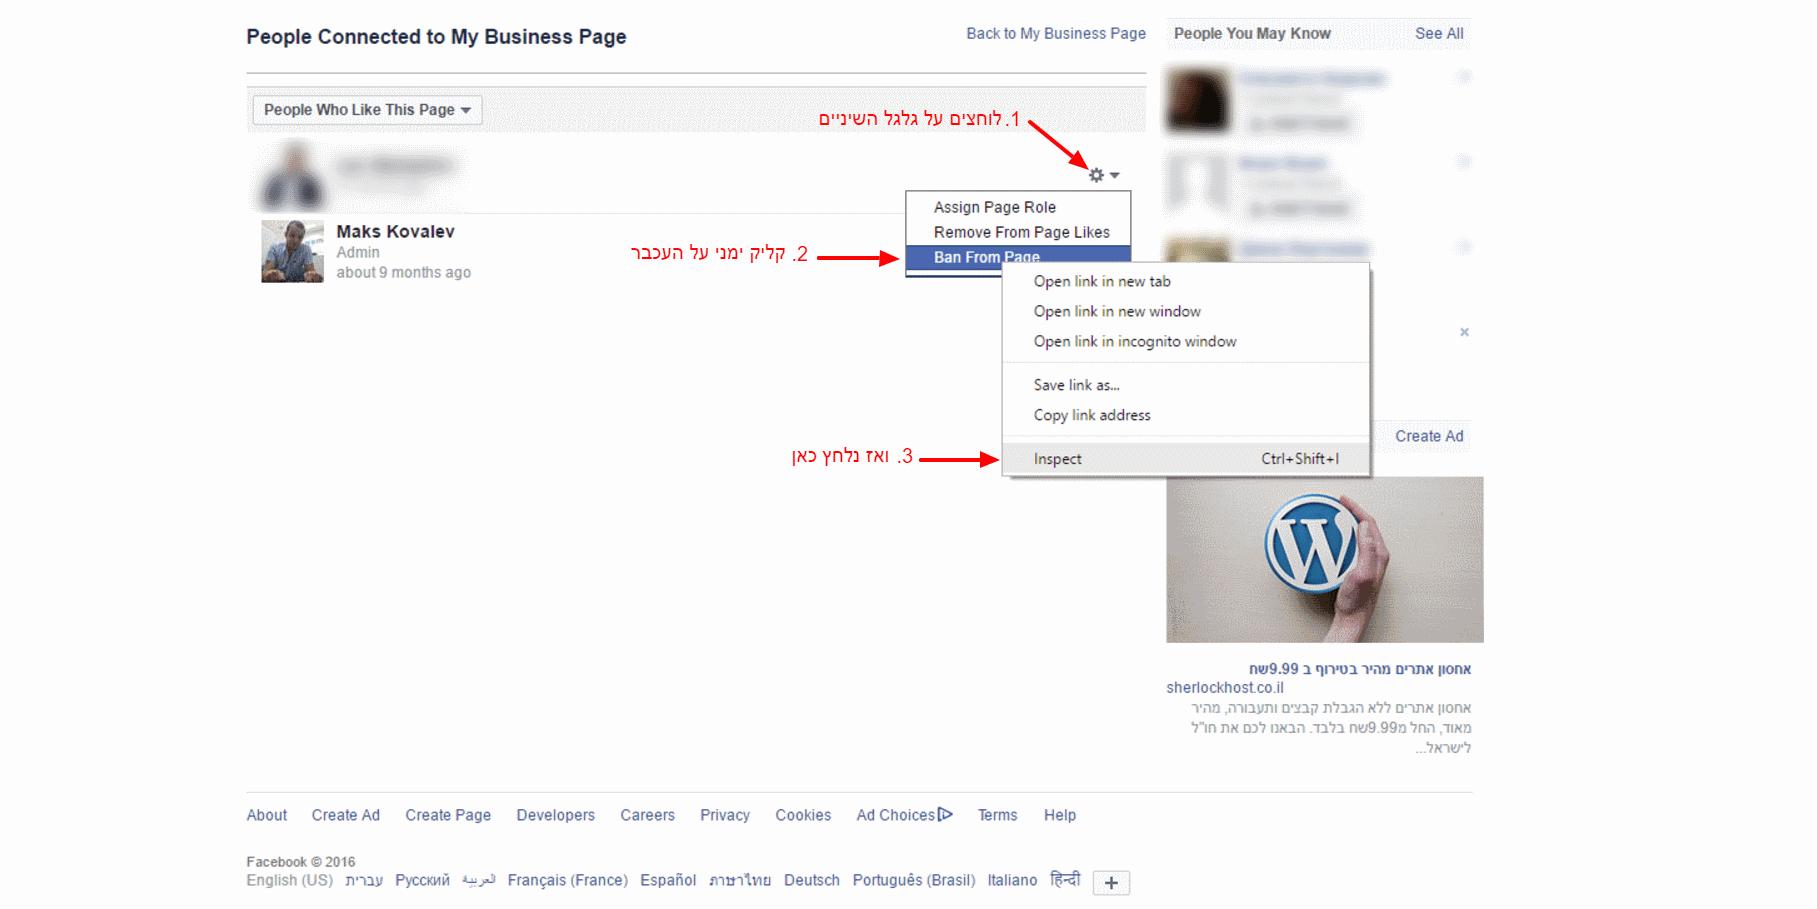 איך לחסום משתמש בדף העסקי בפייסבוק